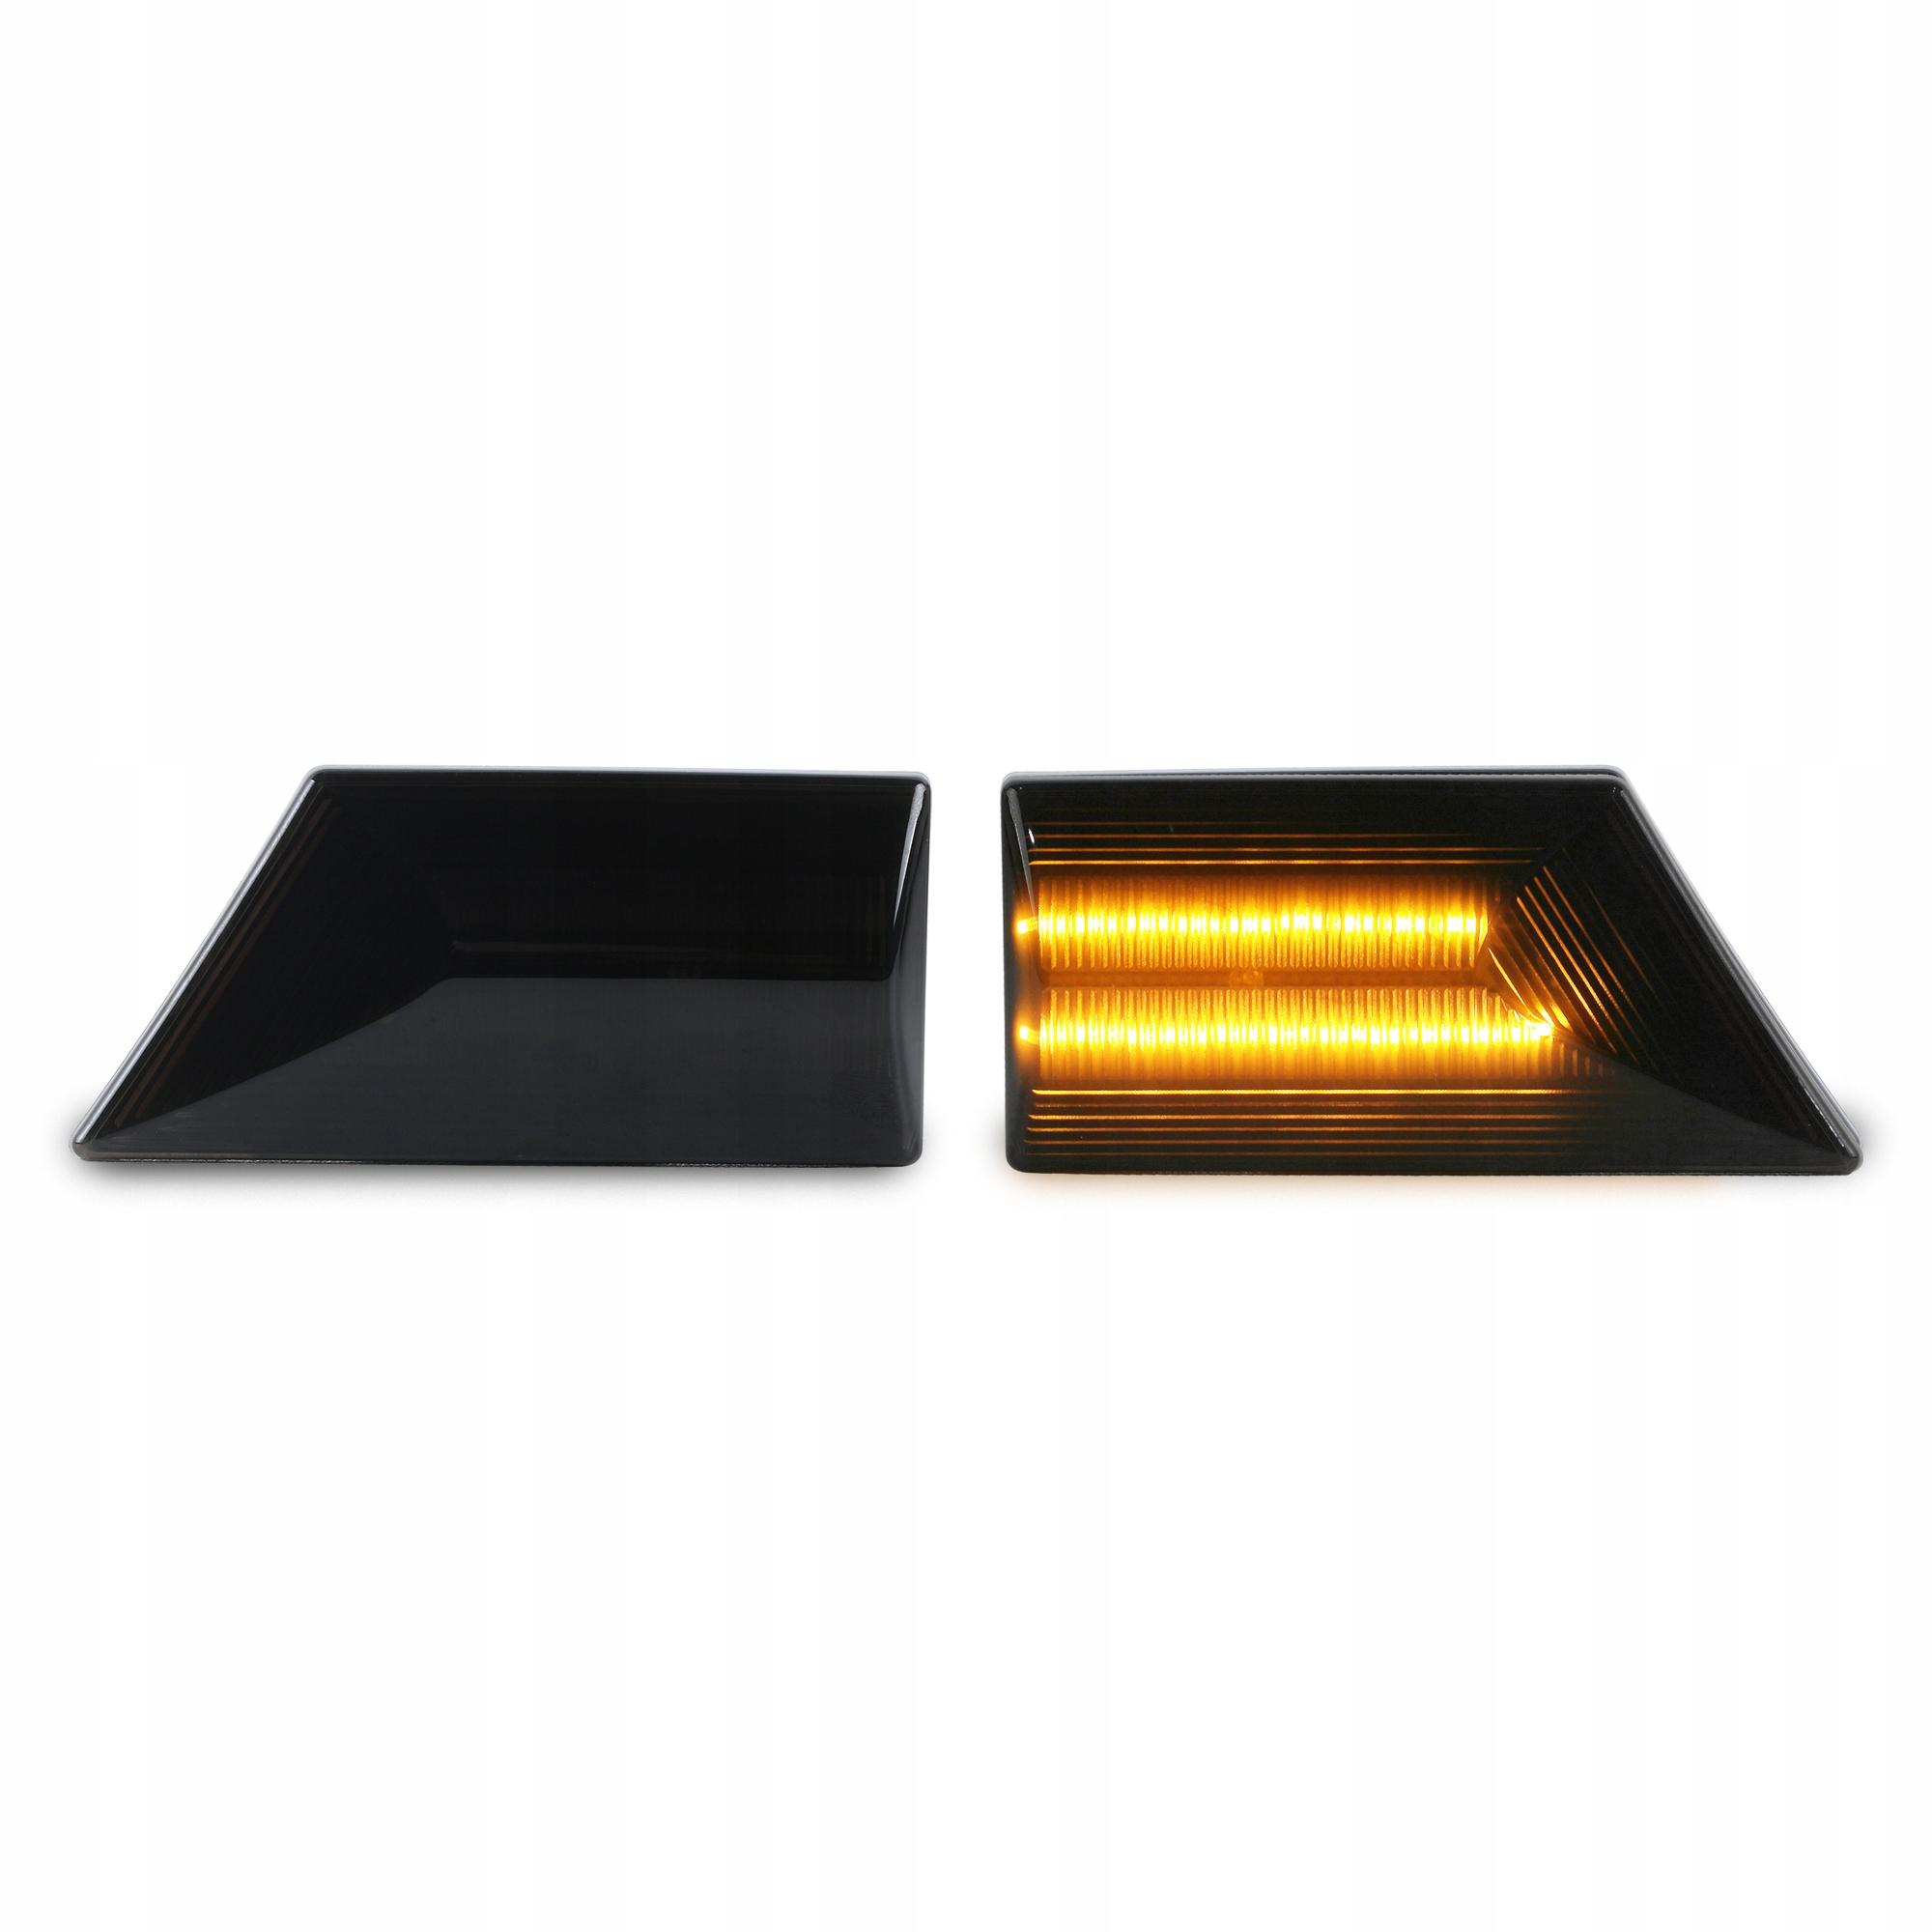 поворотники боковые led opel vetra c signum